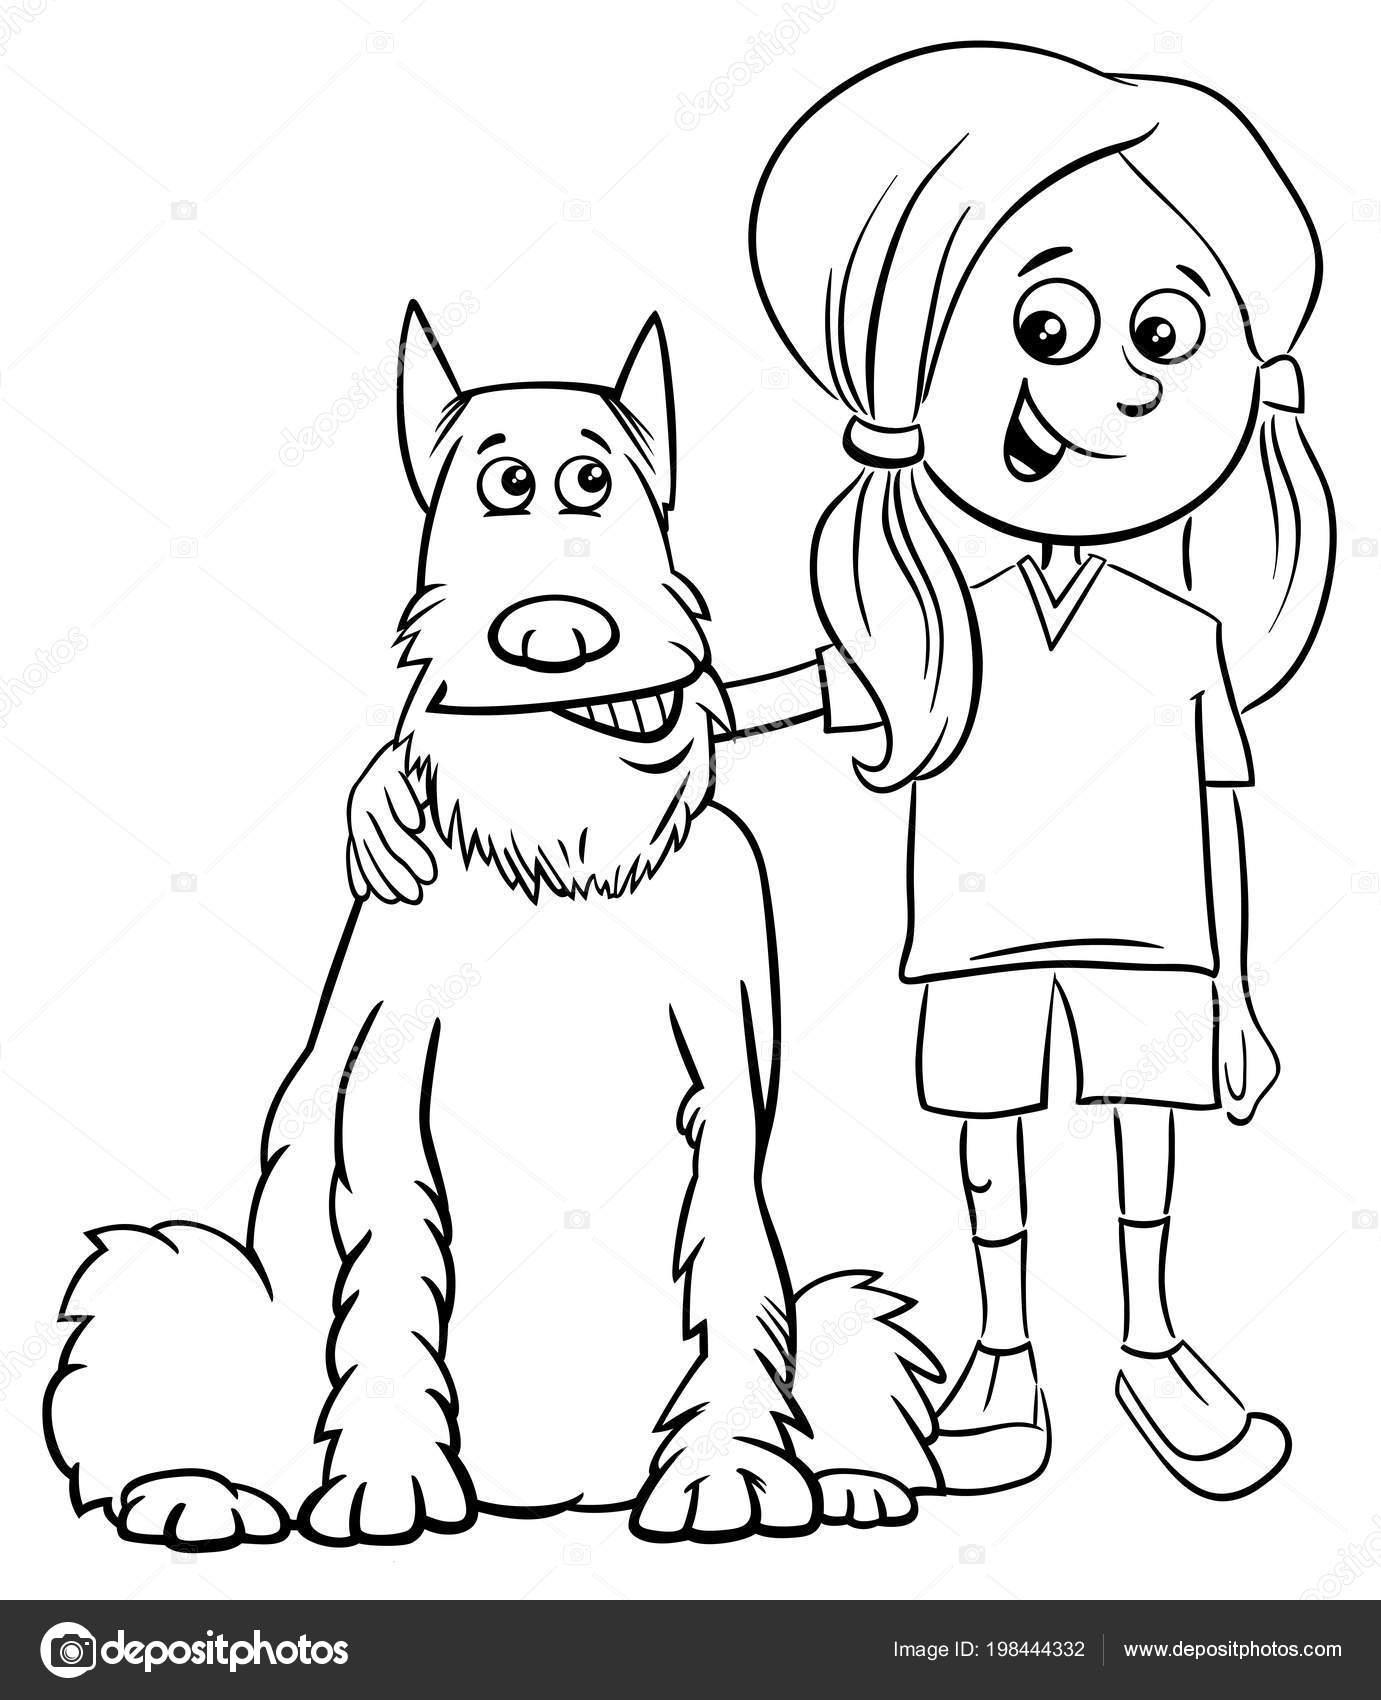 Ilustracion Dibujos Animados Blanco Negro Nino Nina Con Perro Comico